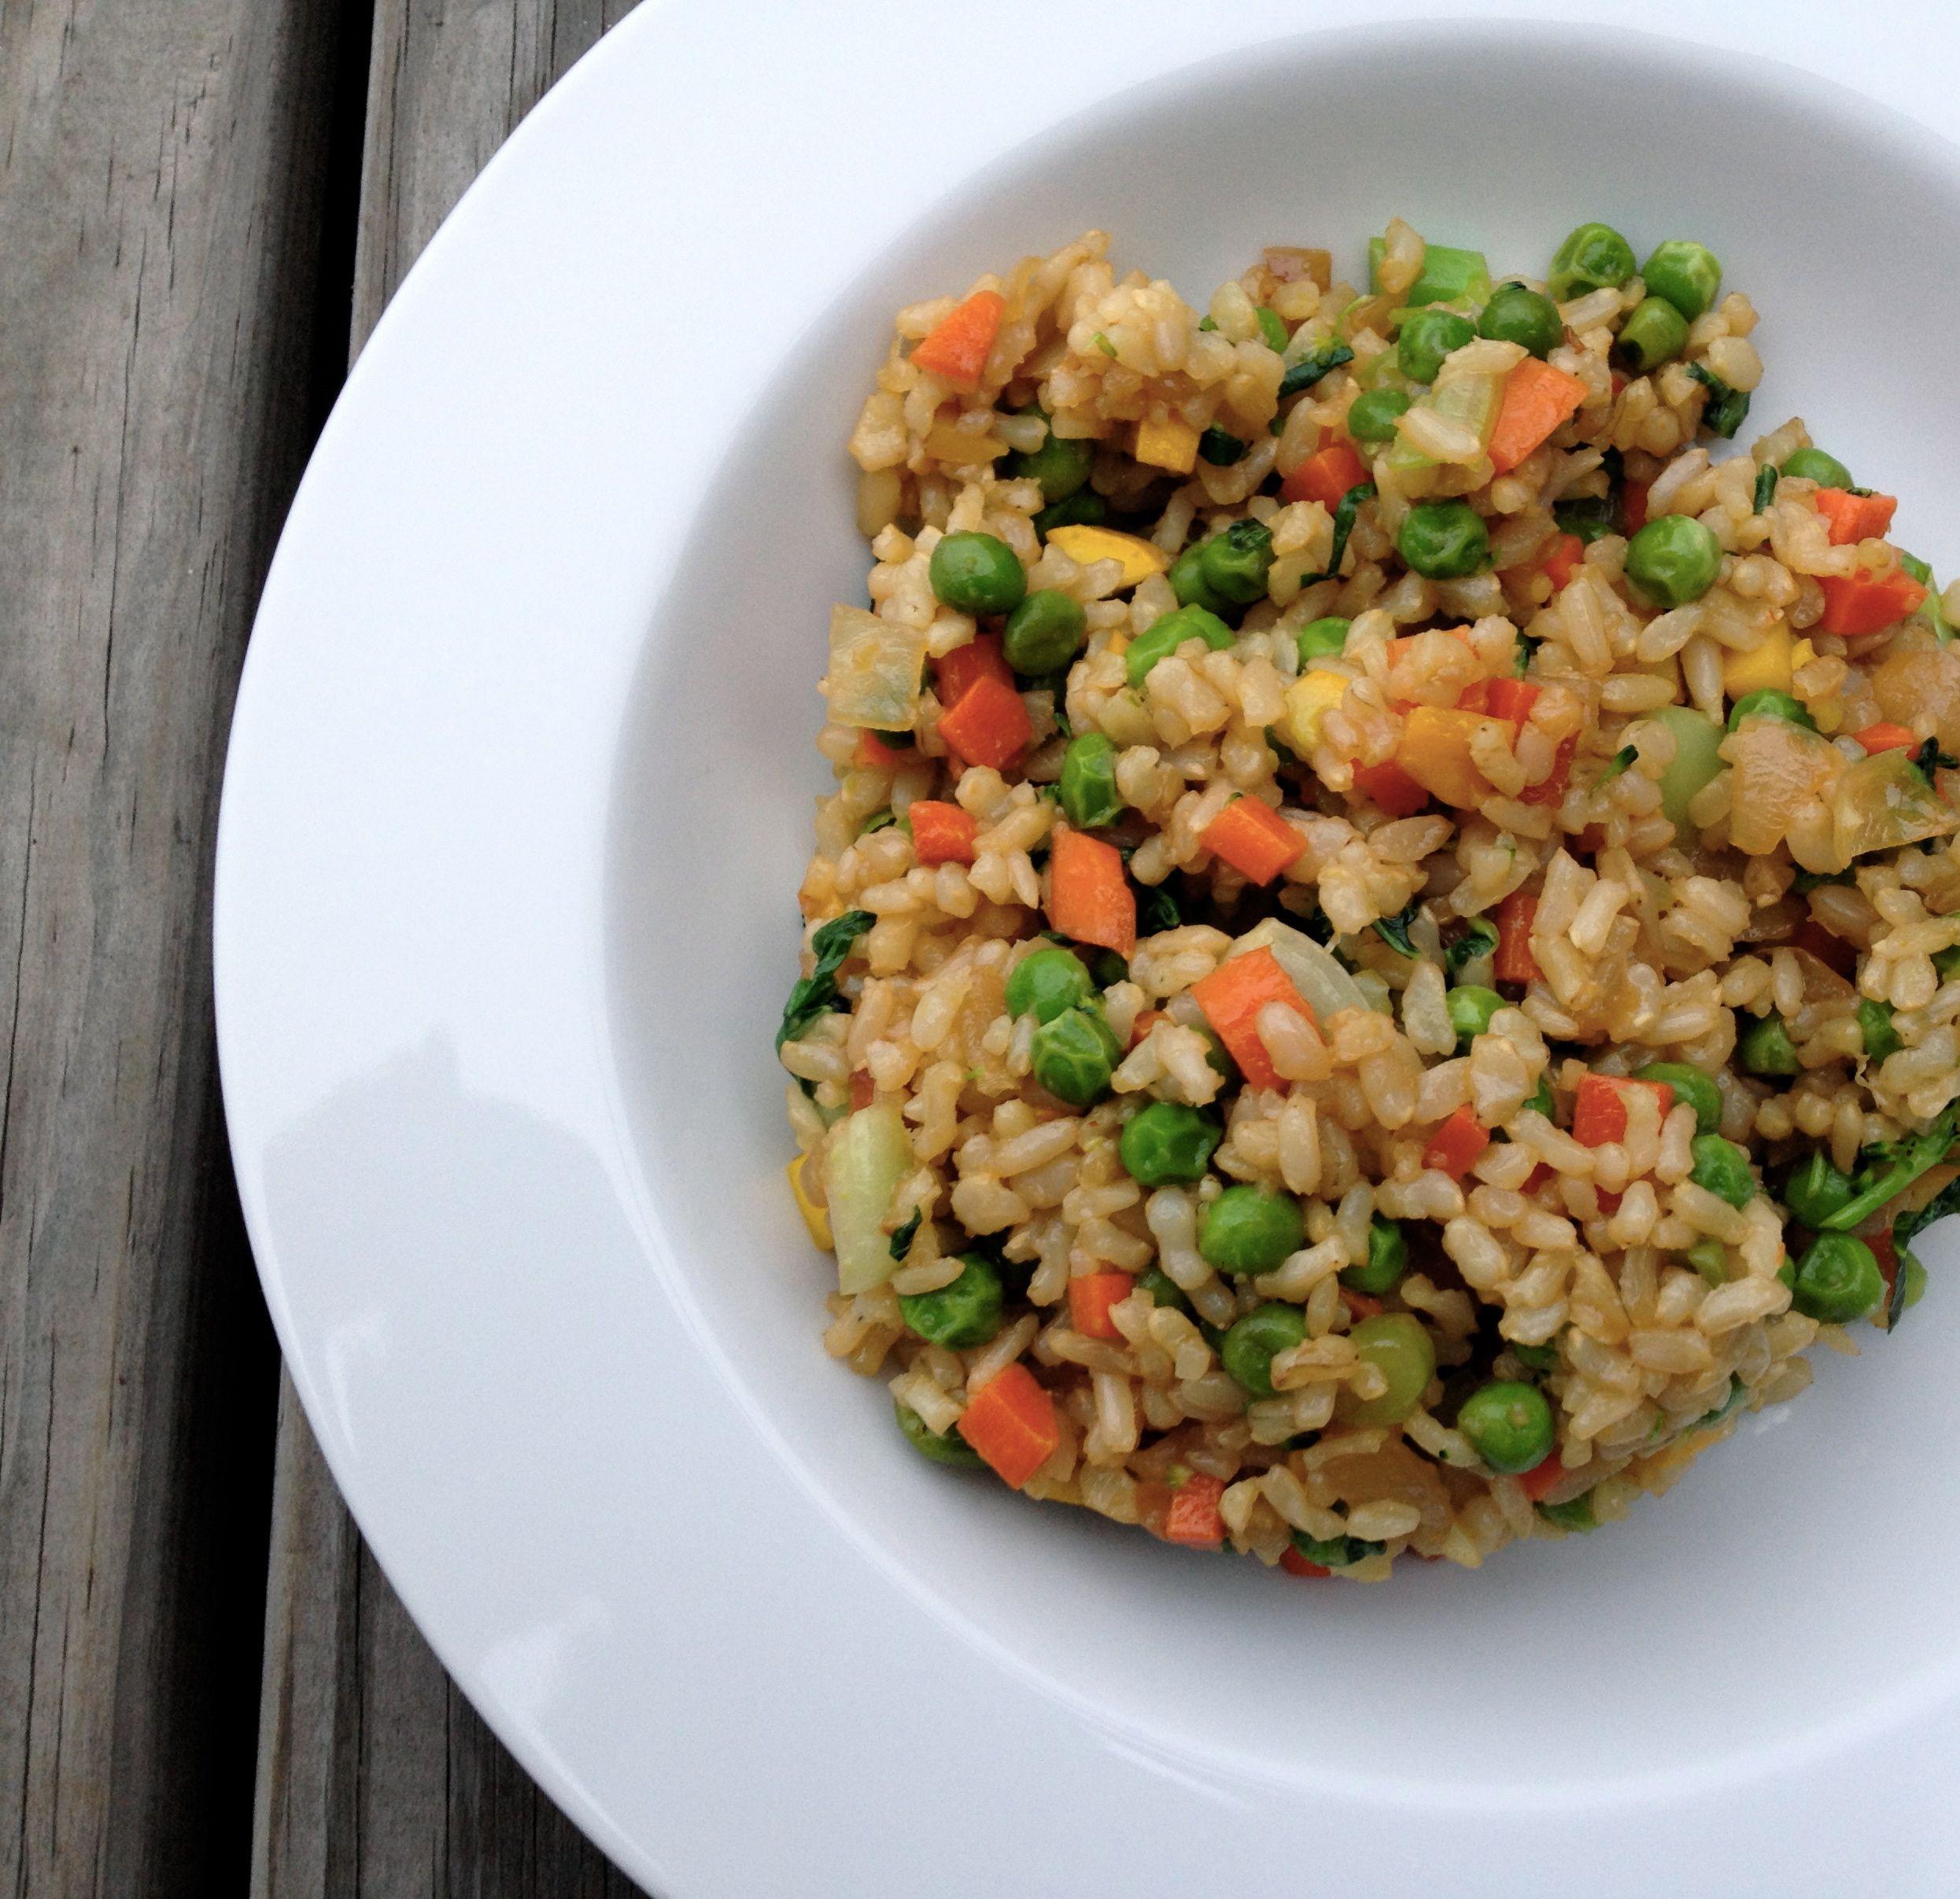 Vegan fried rice whenever i make rice i always make double or vegan fried rice whenever i make rice i always make double or triple what i ccuart Choice Image